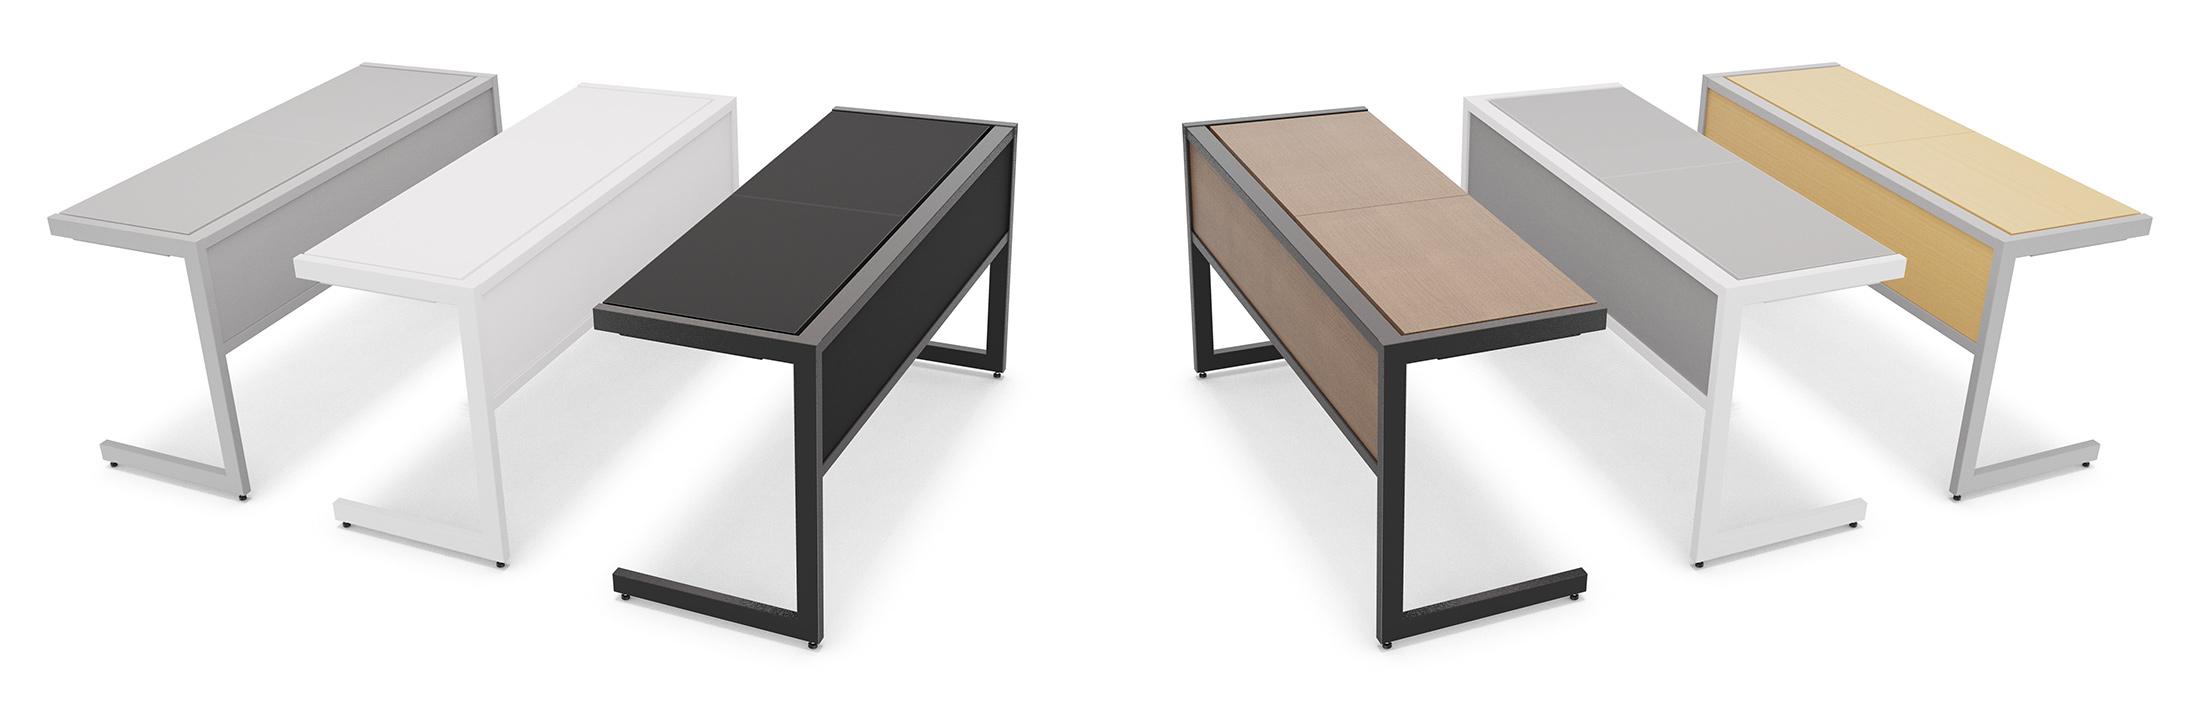 Vista aérea de 6 mesas com cores diferentes.